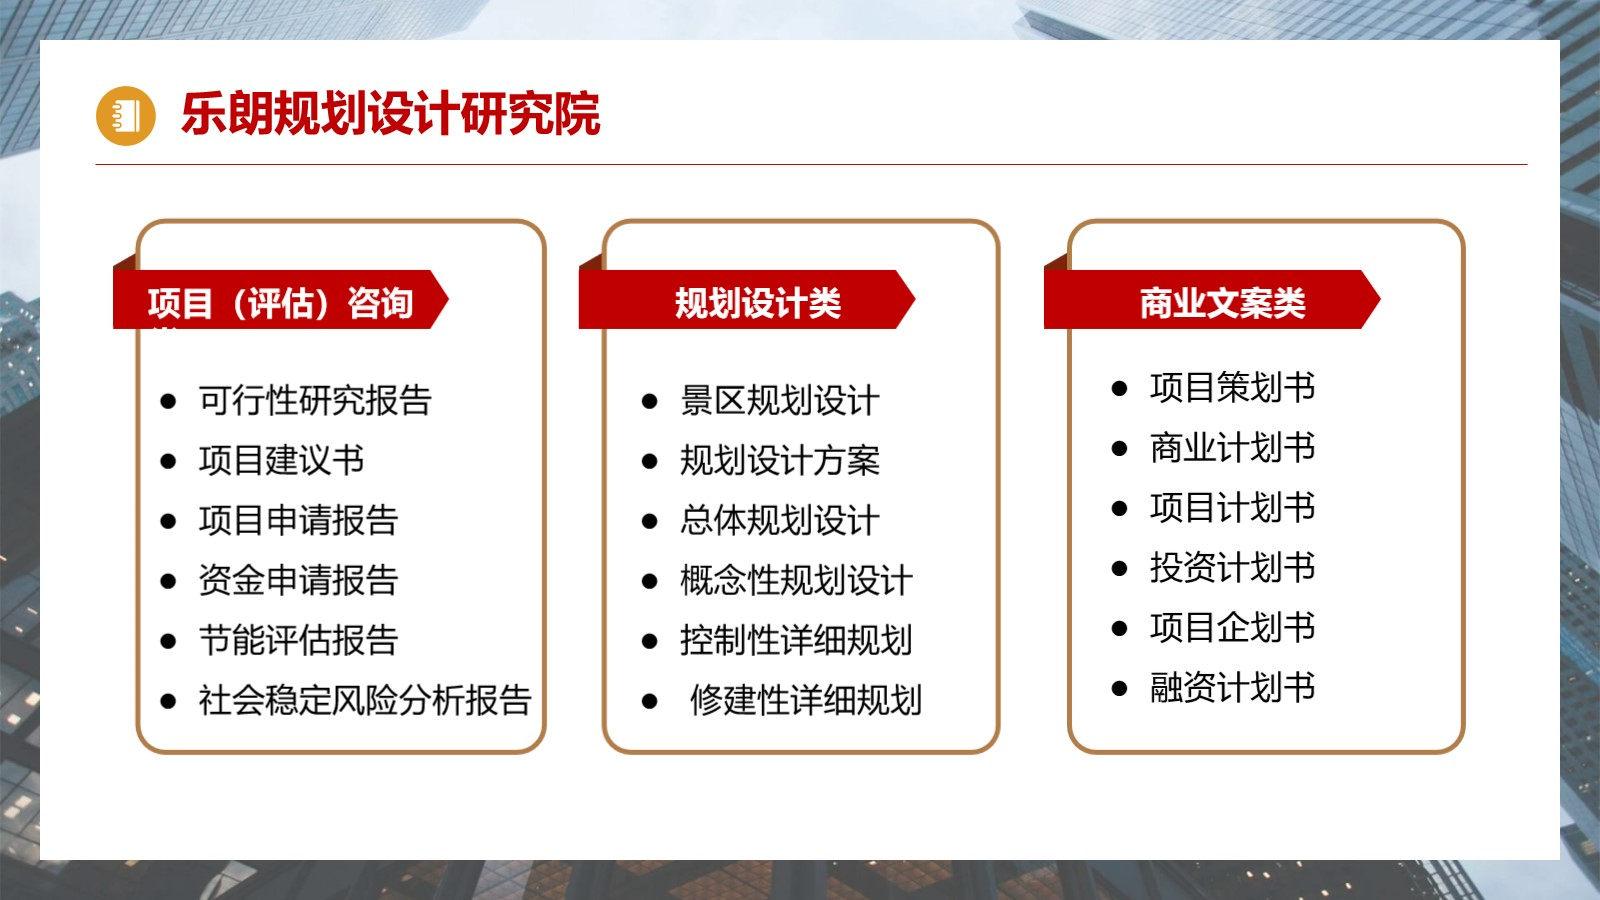 七台河撰写项目实施方方案的公司可写可行